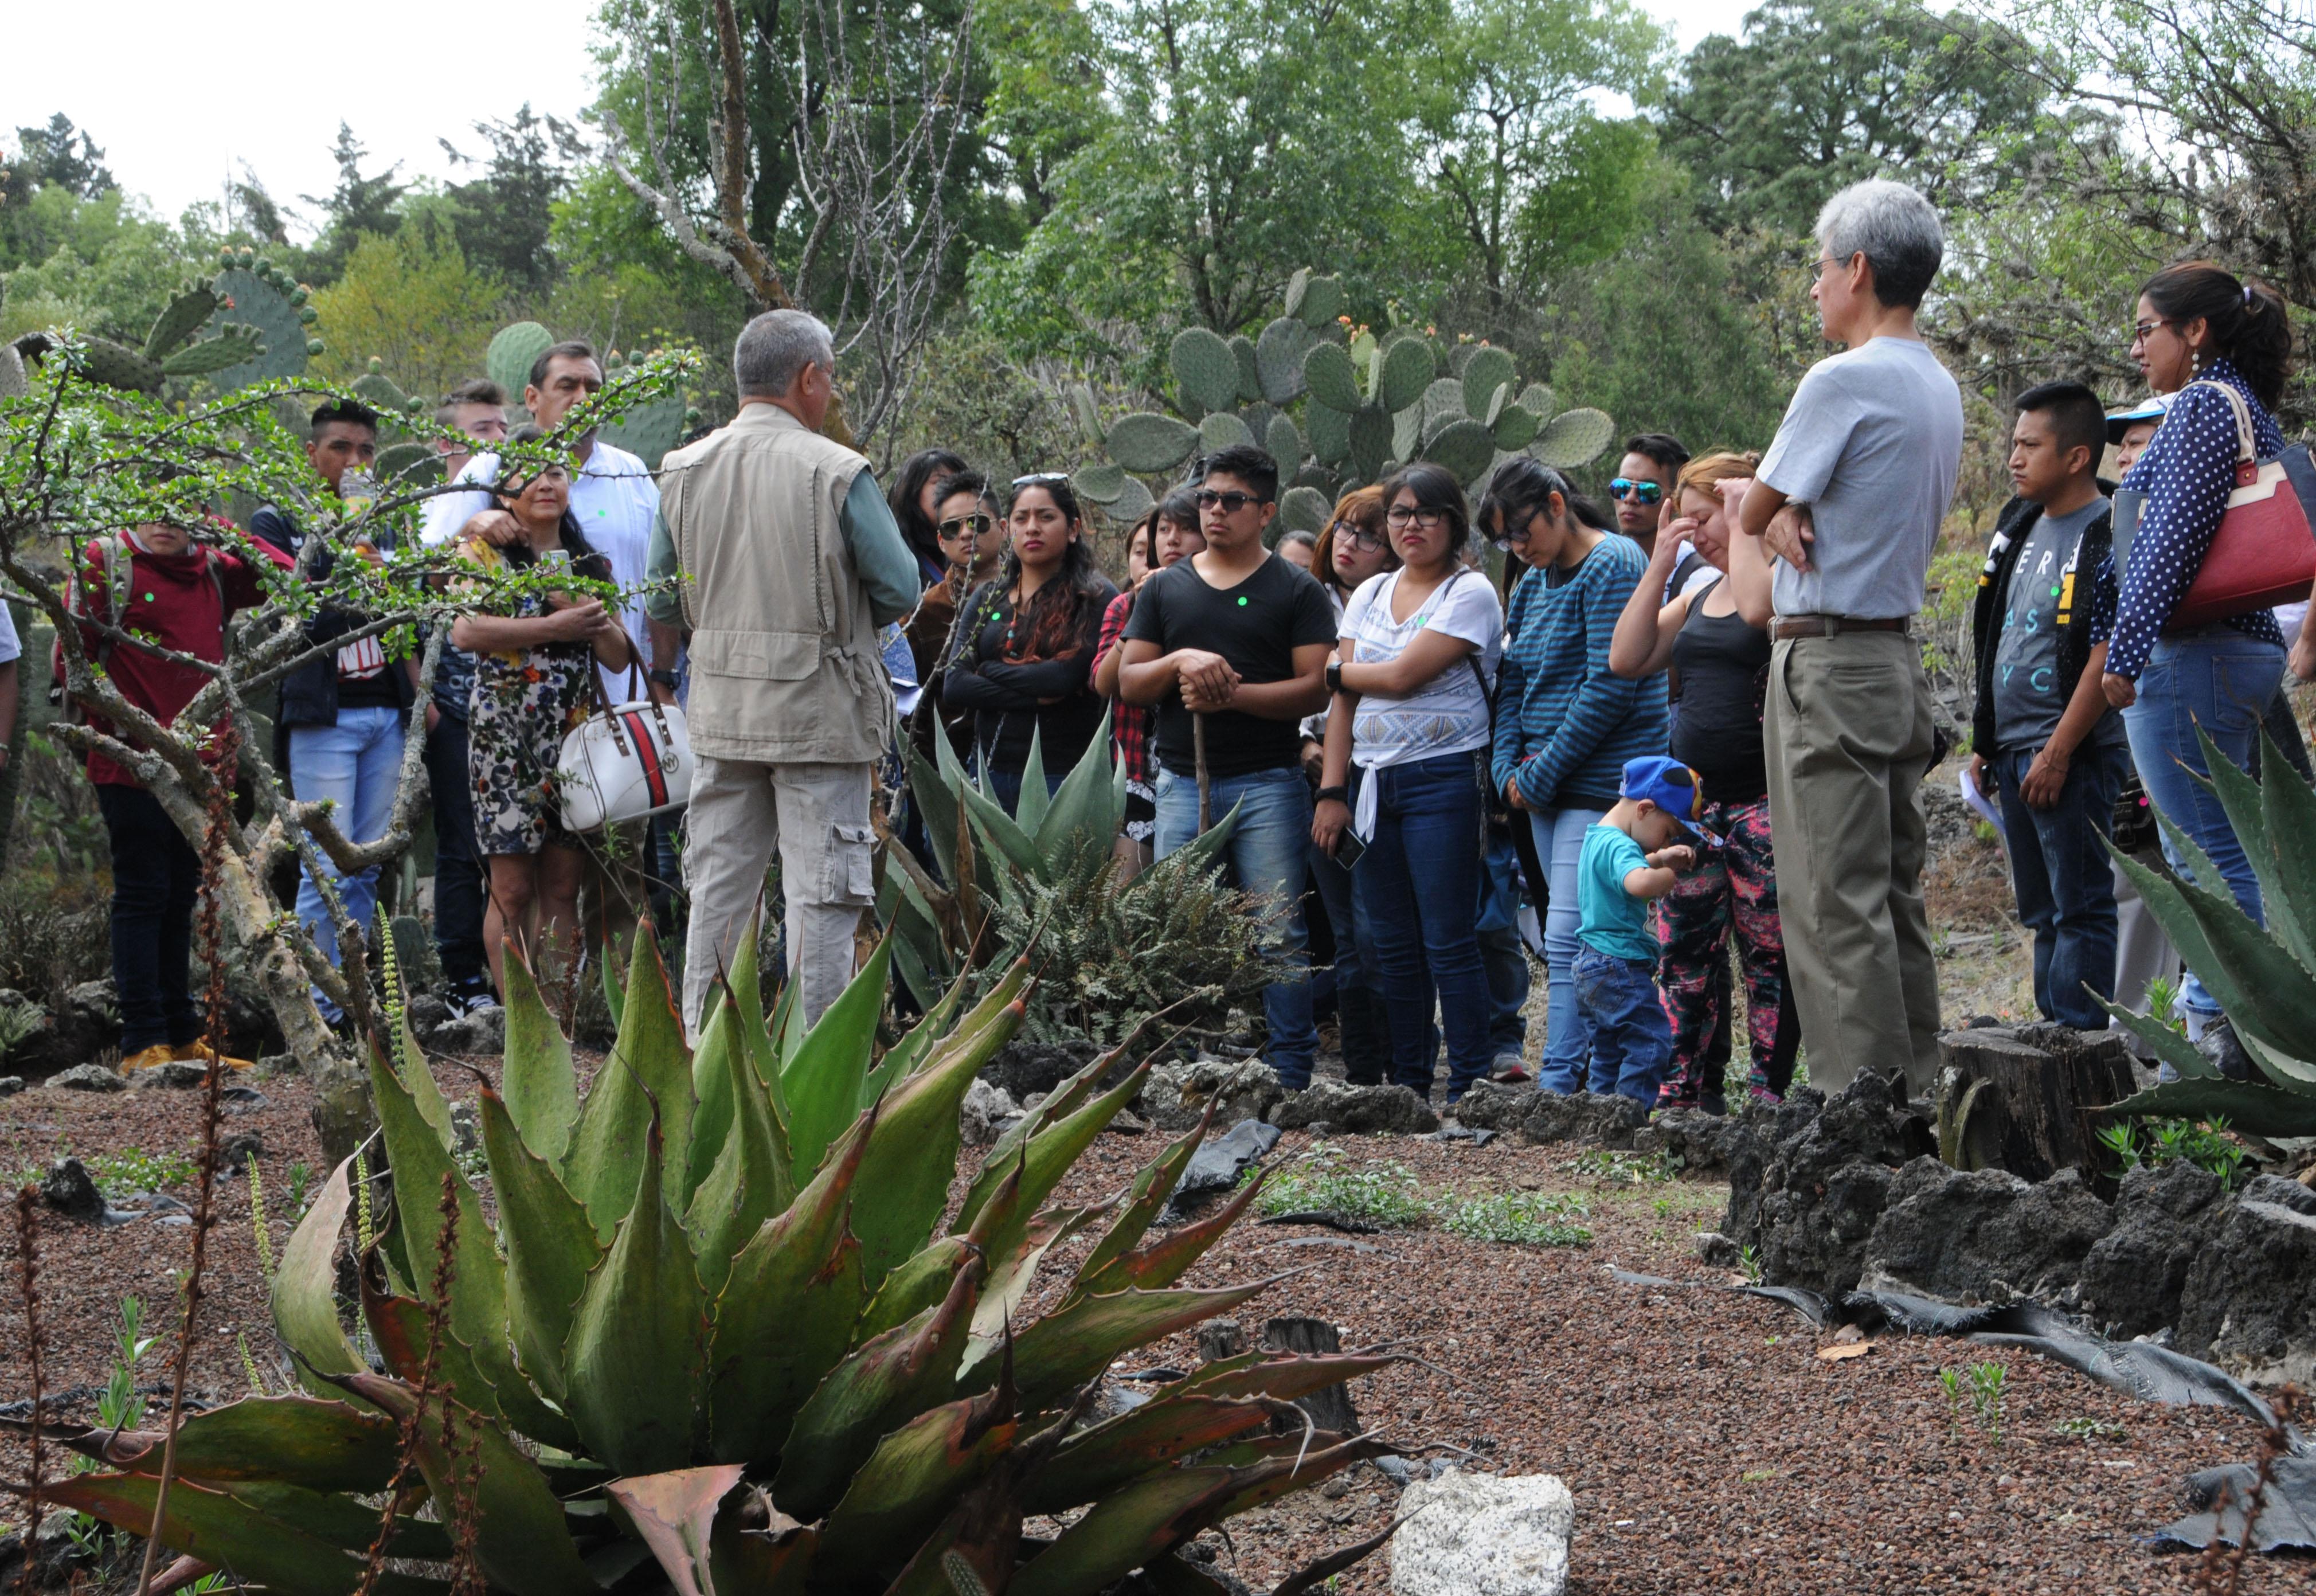 Celebra la unam el 12 d a nacional de los jardines bot nicos for Jardin botanico unam 2015